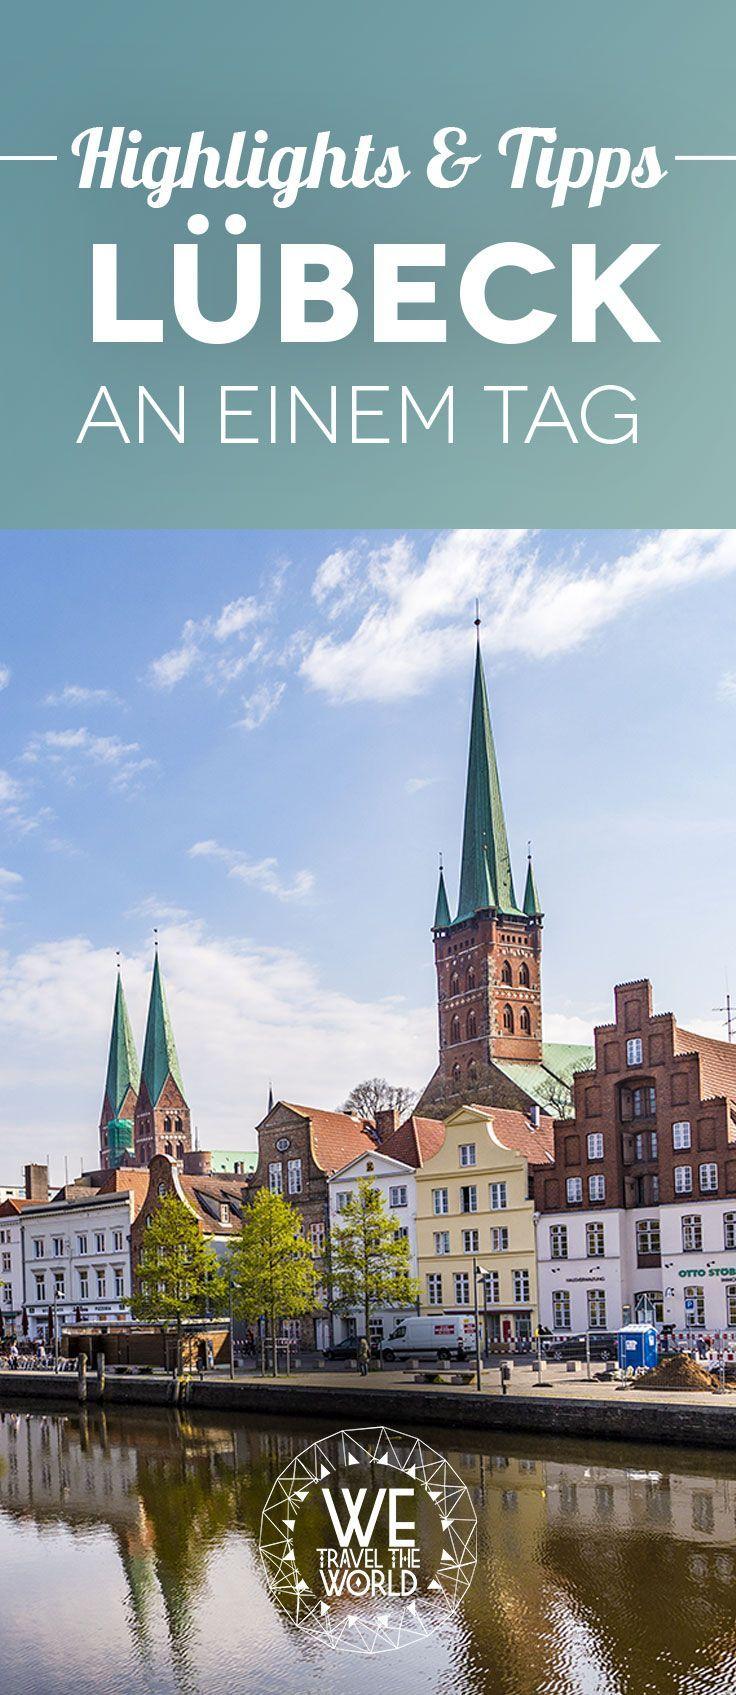 Kurztrip Deutschland: Lübeck Highlights und Tipps für einen Tag #städtereise #citytrips #deutschland